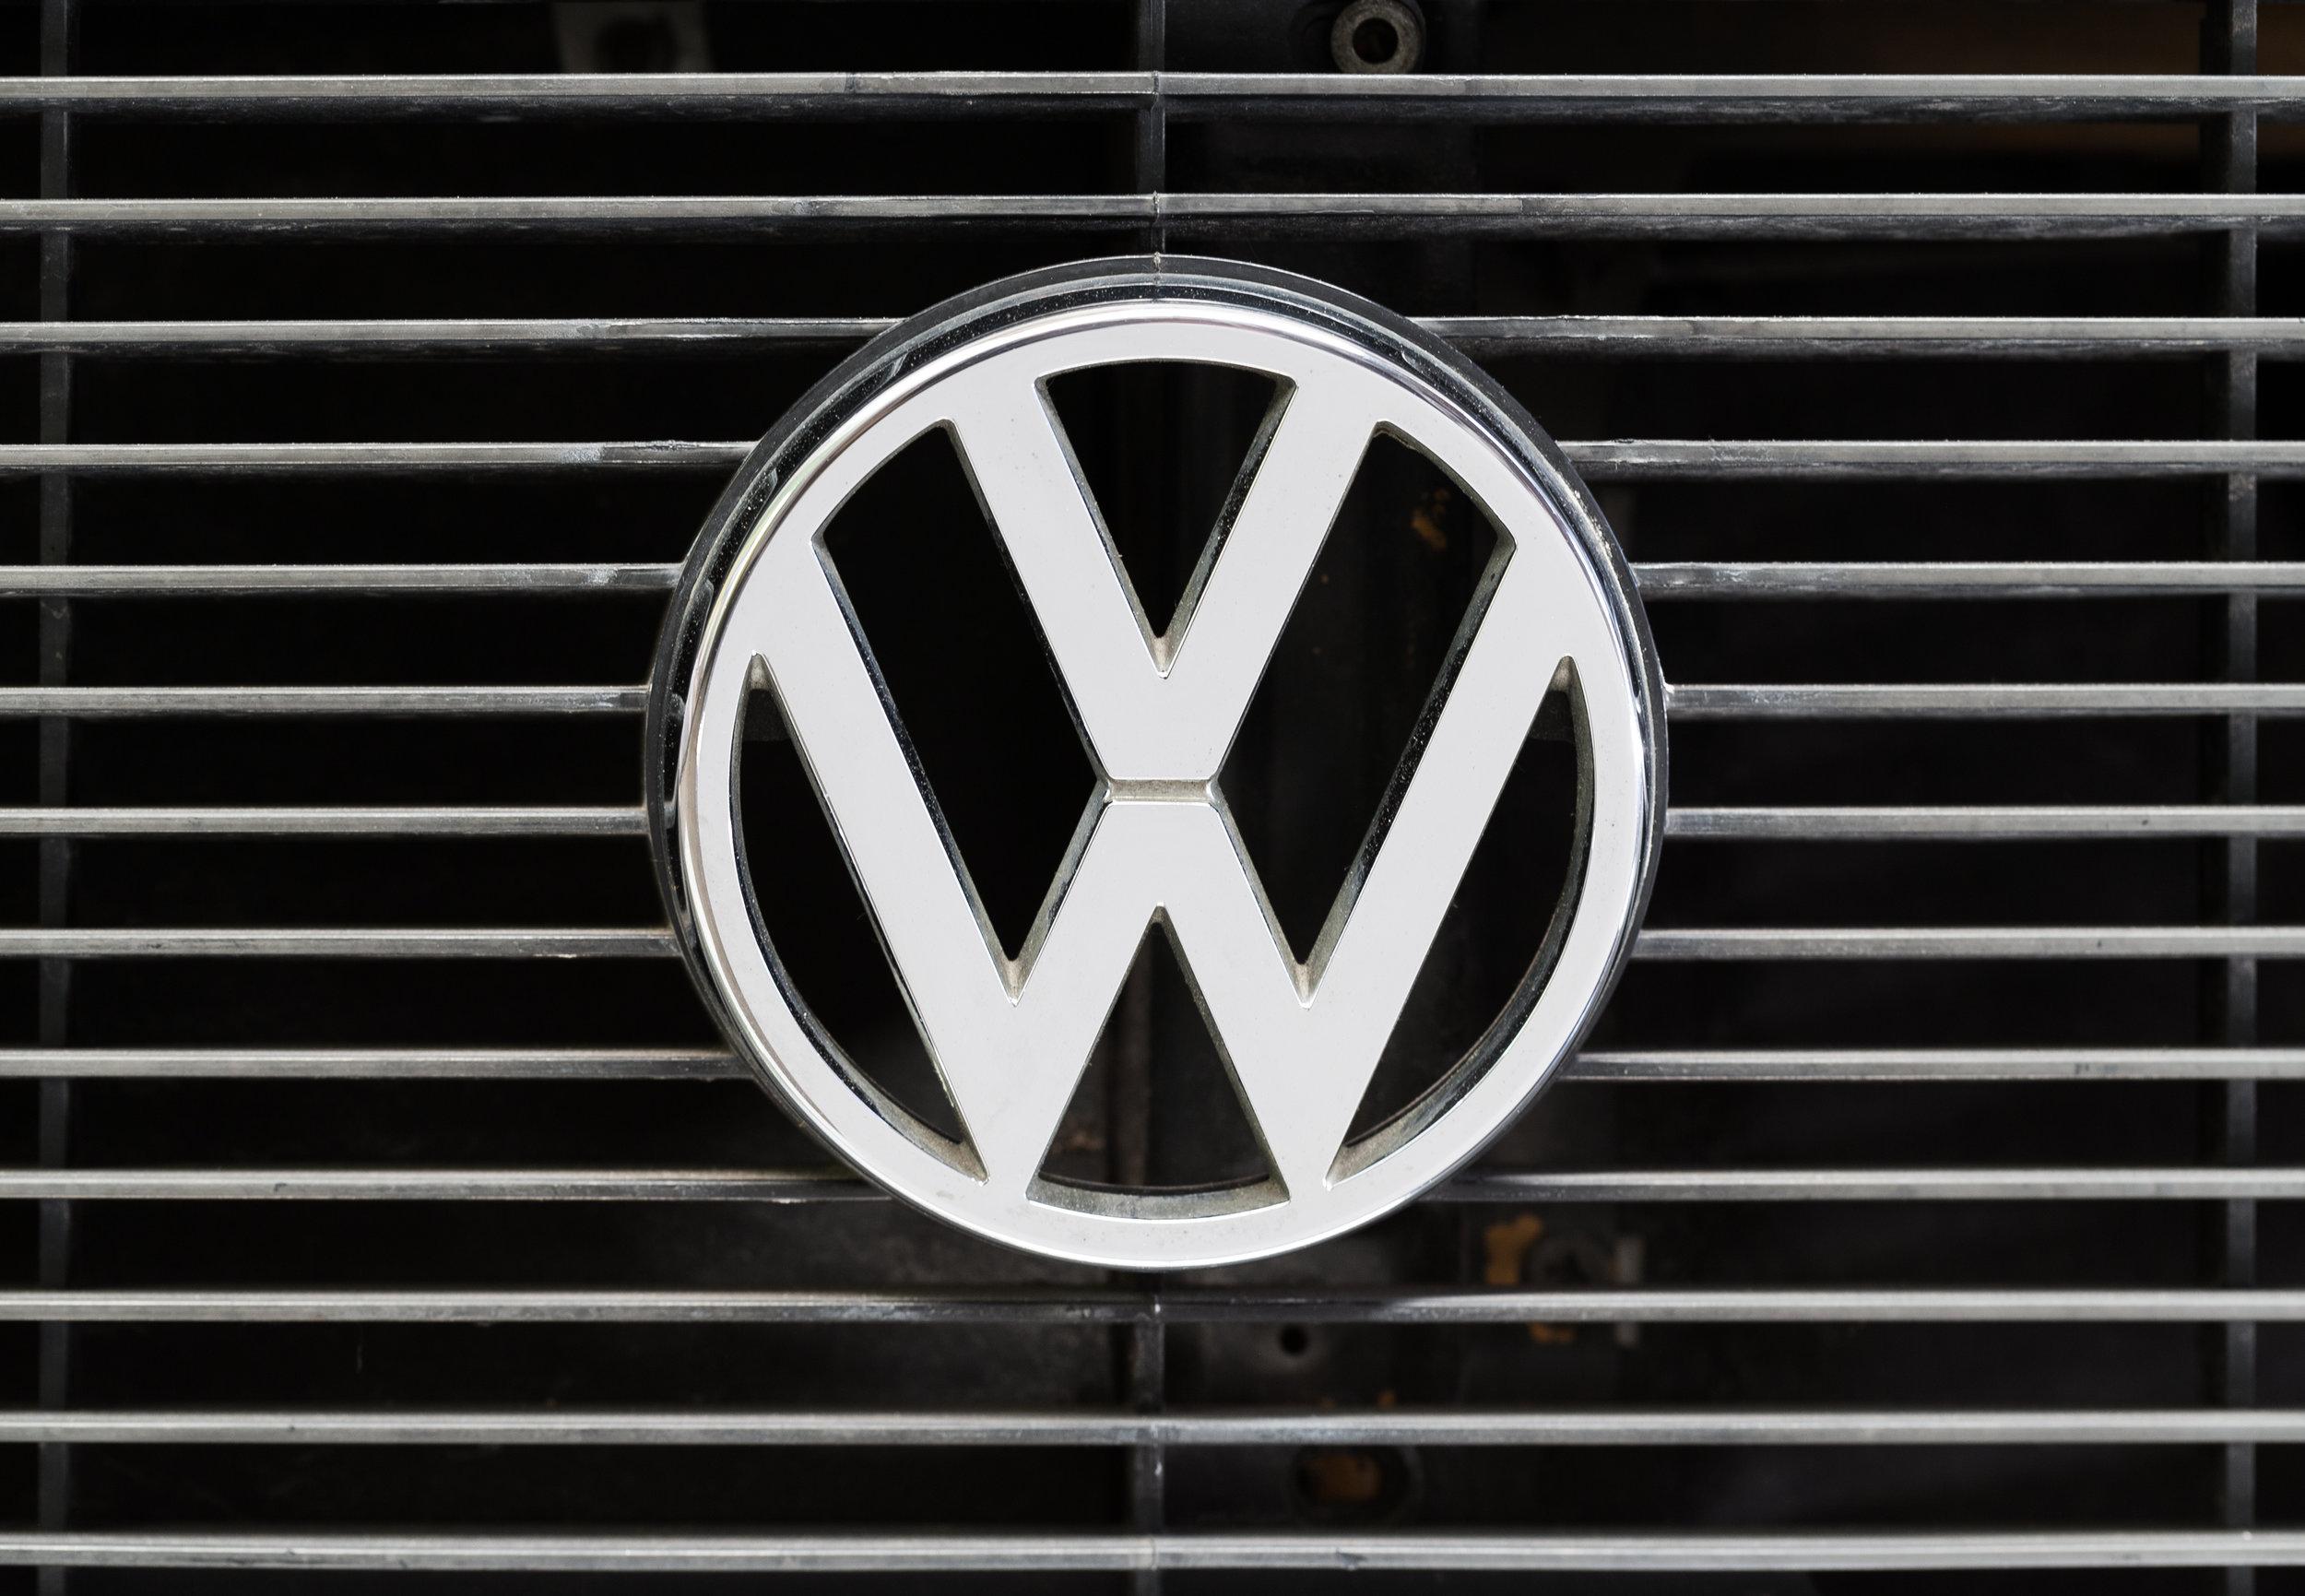 - Volkswagen